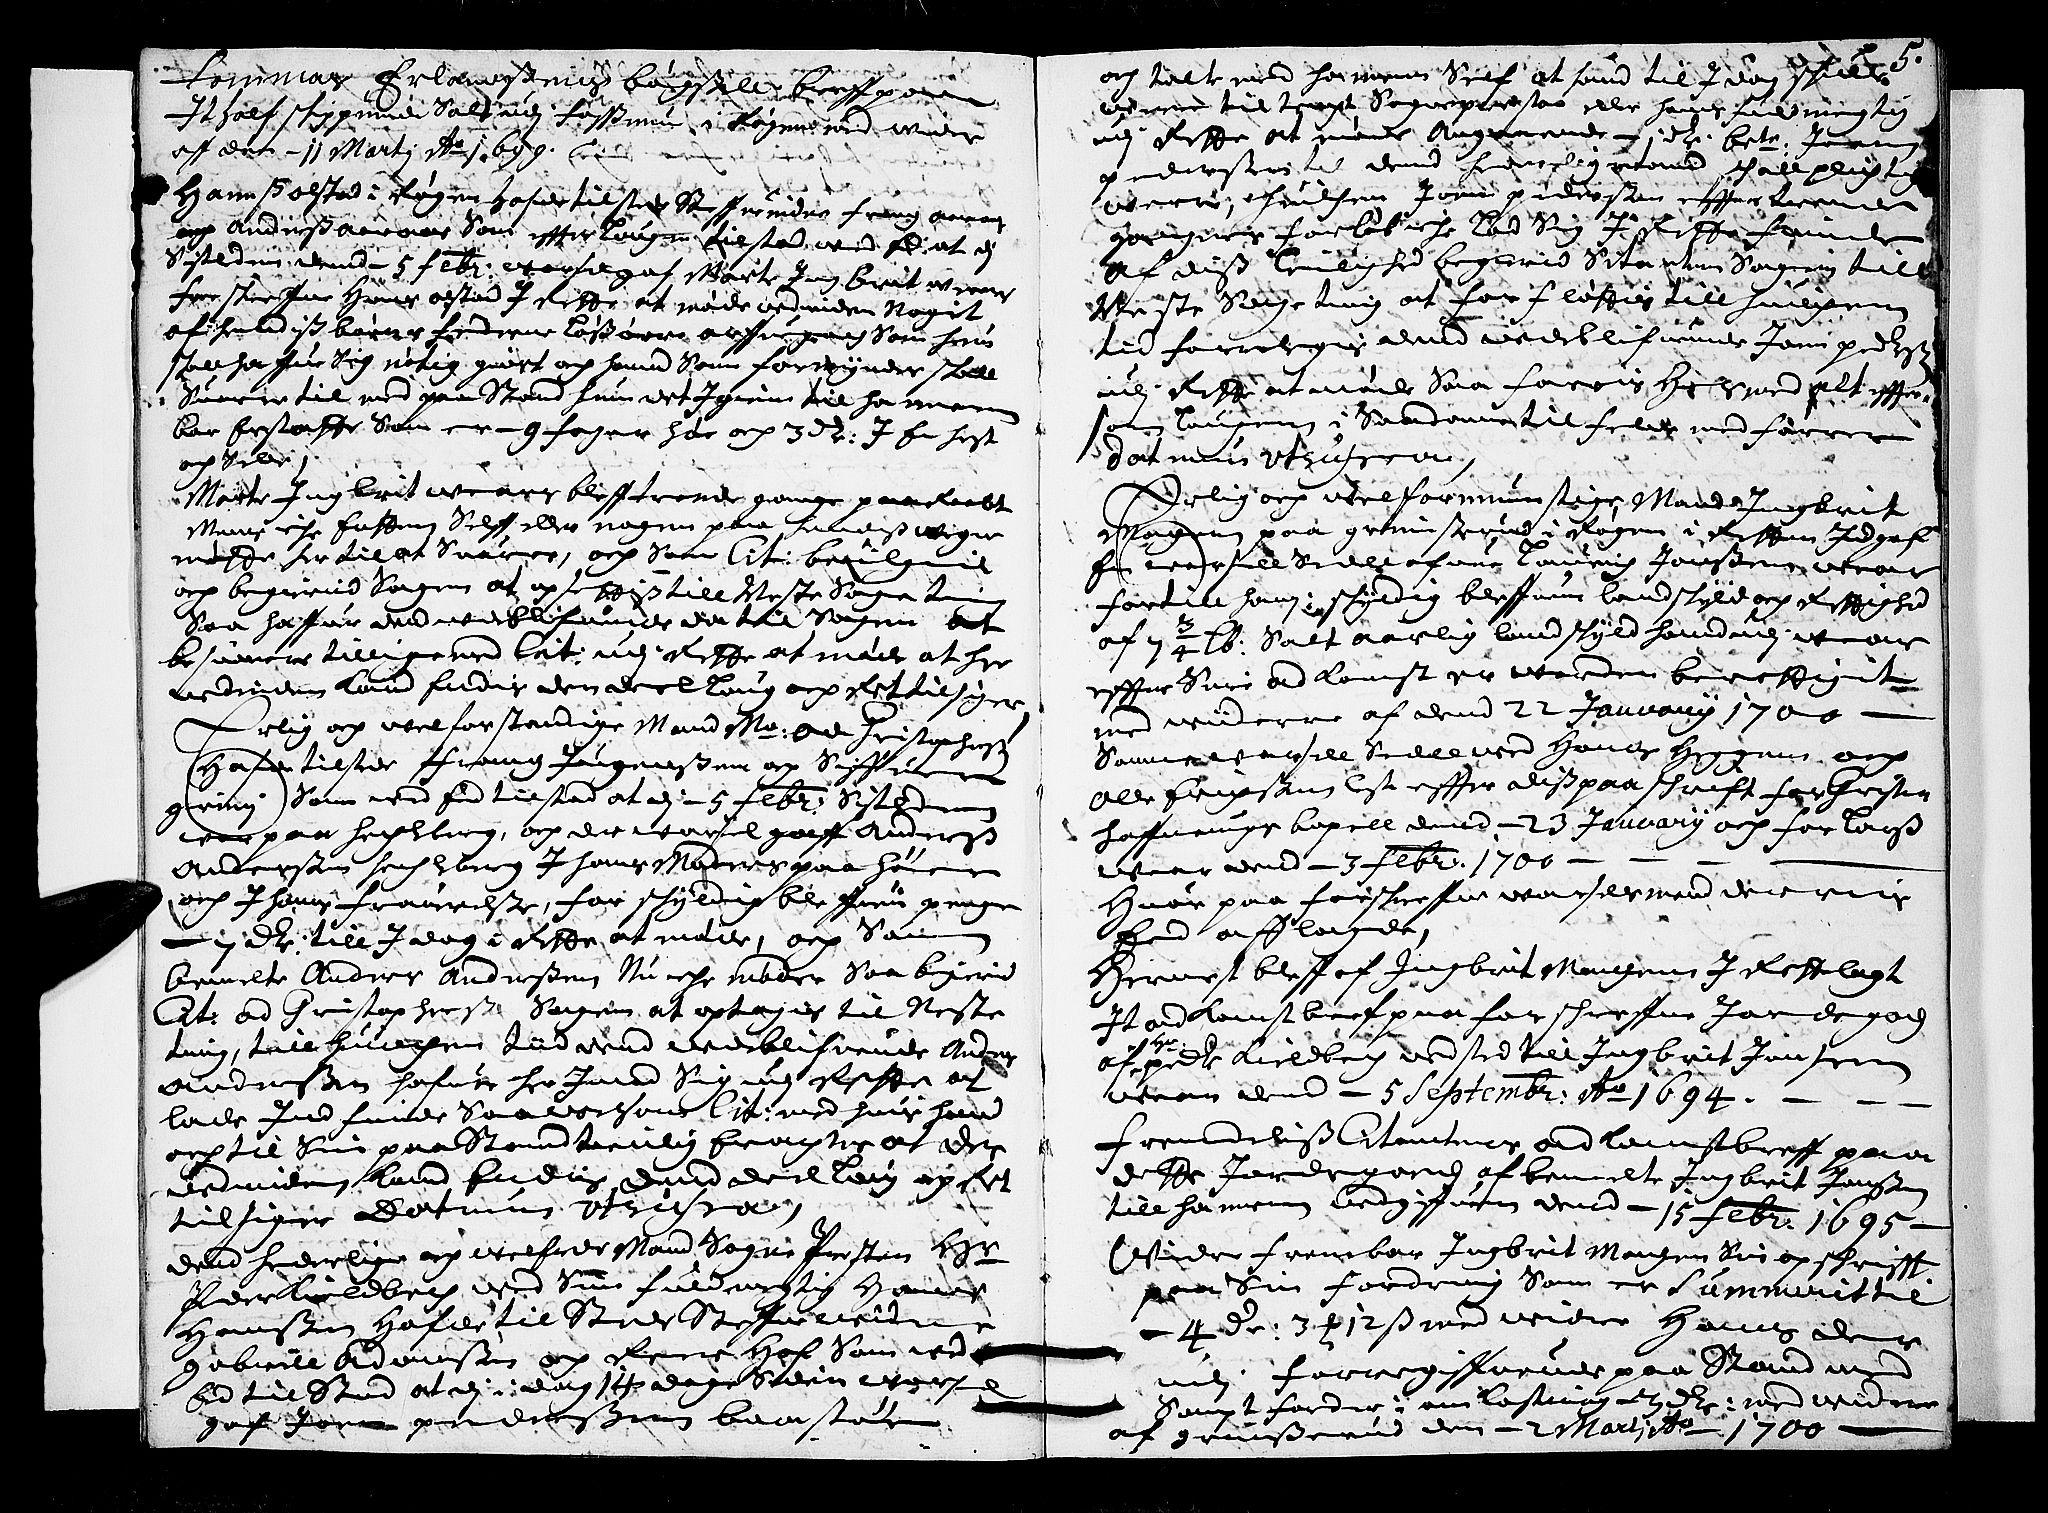 SAKO, Lier, Røyken og Hurum sorenskriveri, F/Fa/L0038: Tingbok, 1700, s. 5